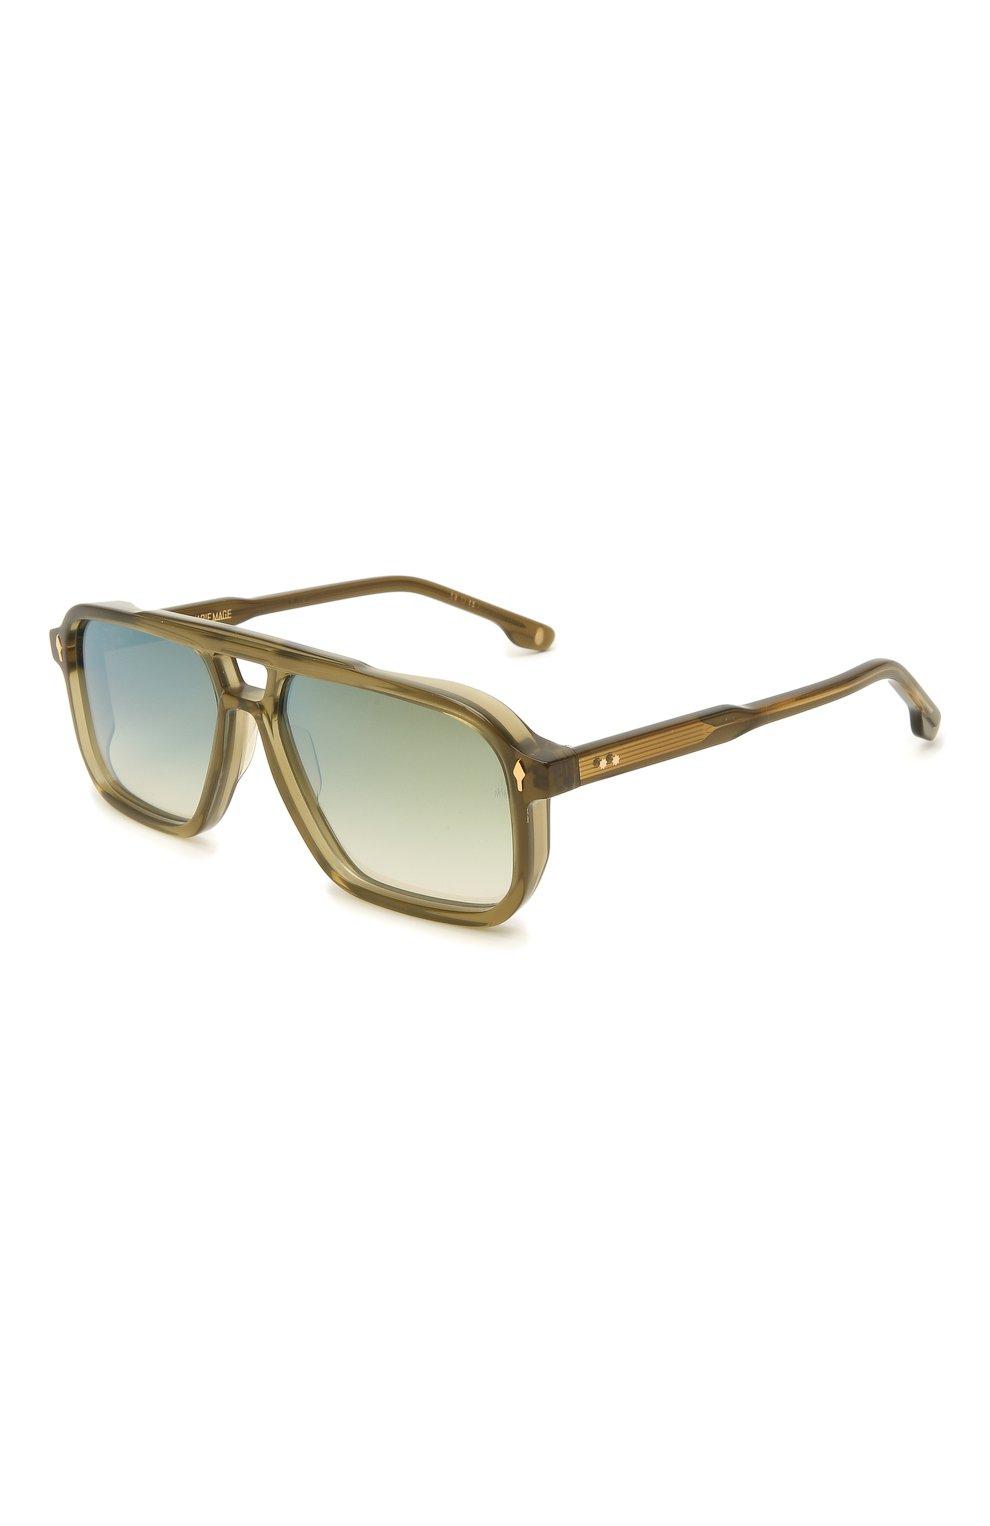 Мужские солнцезащитные очки JACQUES MARIE MAGE хаки цвета, арт. FELS0N JMMFN-3N   Фото 1 (Тип очков: С/з; Очки форма: Прямоугольные; Оптика Гендер: оптика-мужское)